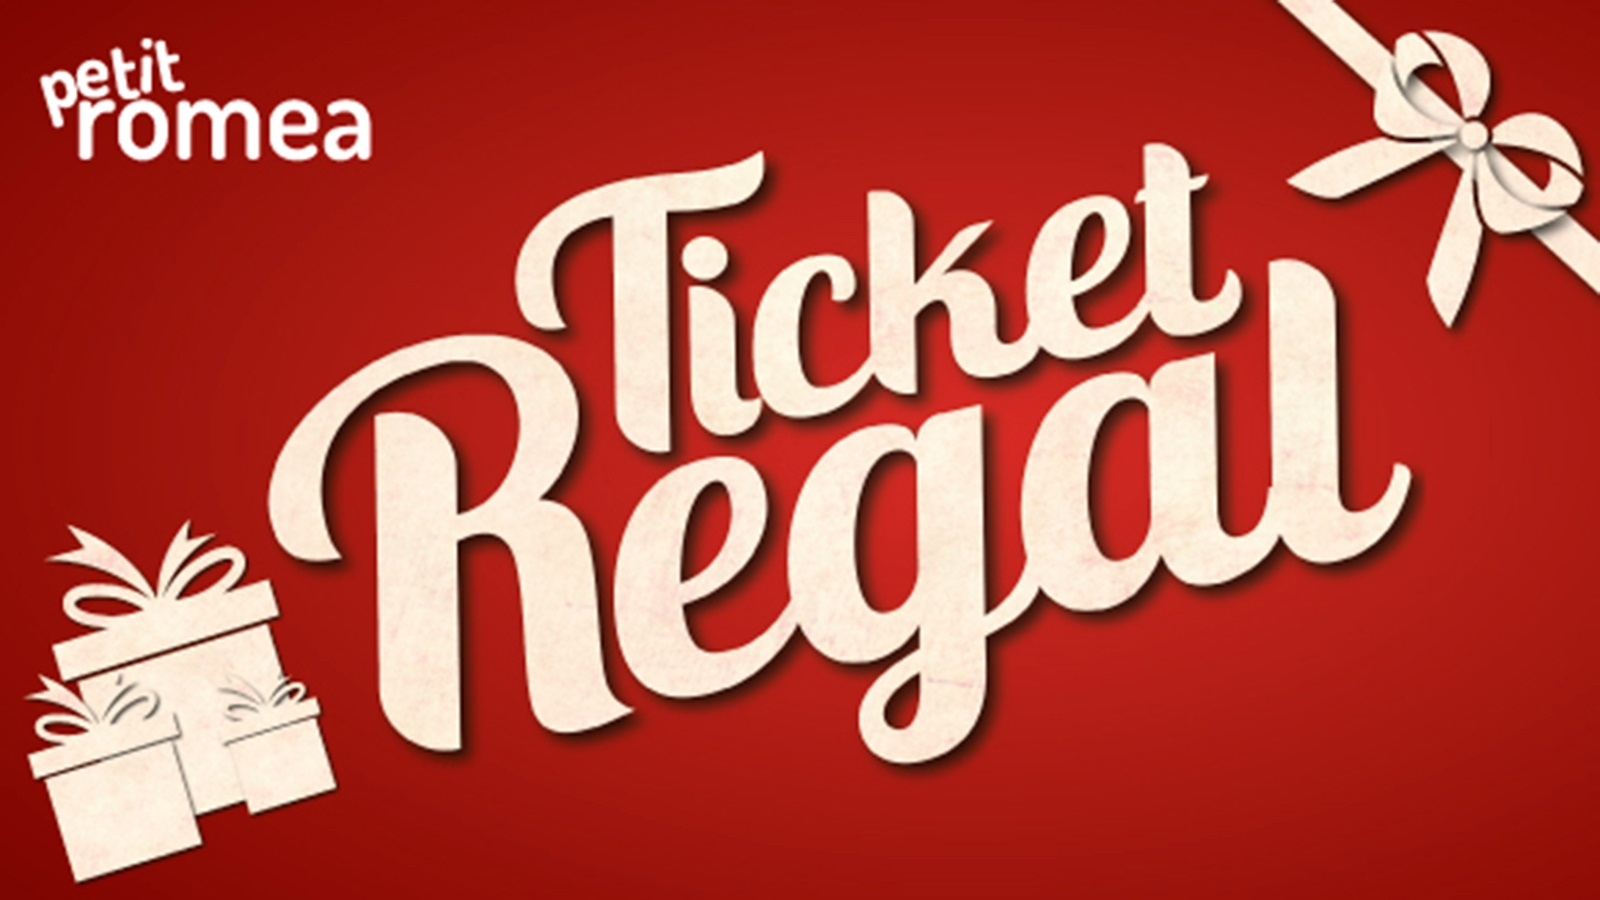 Tiquet Regal del Teatre Petit Romea de Barcelona